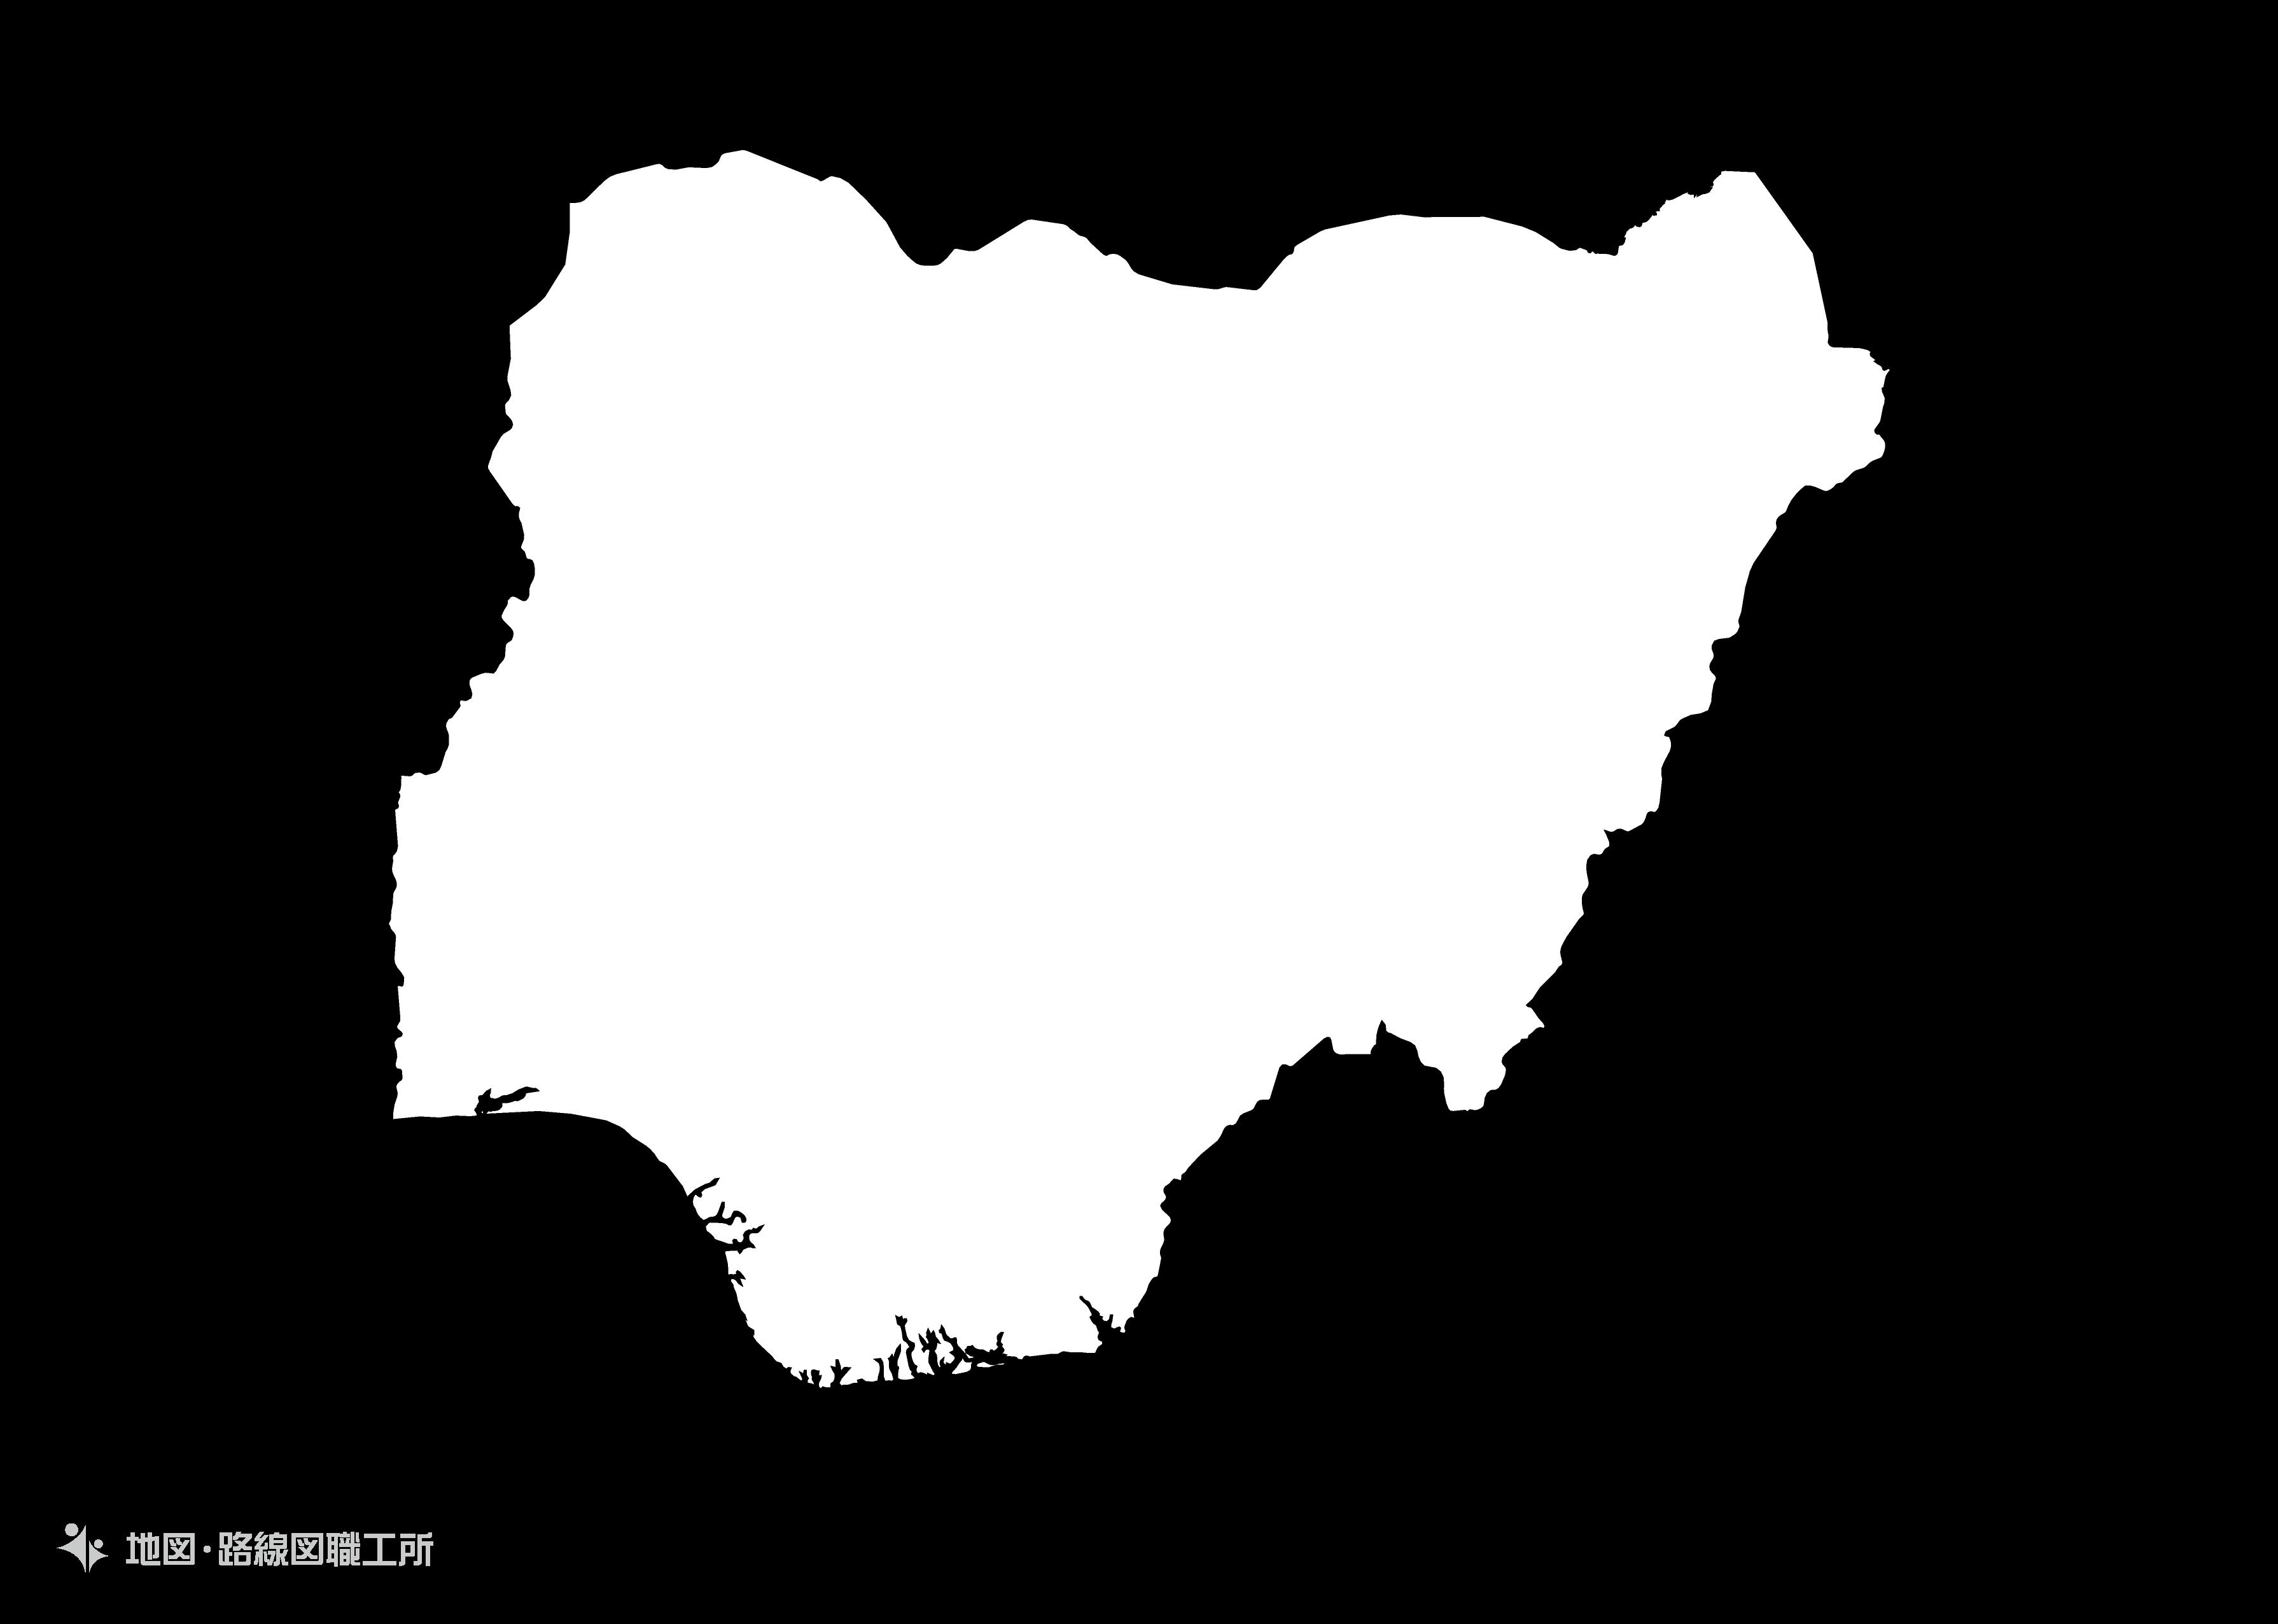 世界の白地図 ナイジェリア連邦共和国 federal-republic-of-nigeria map